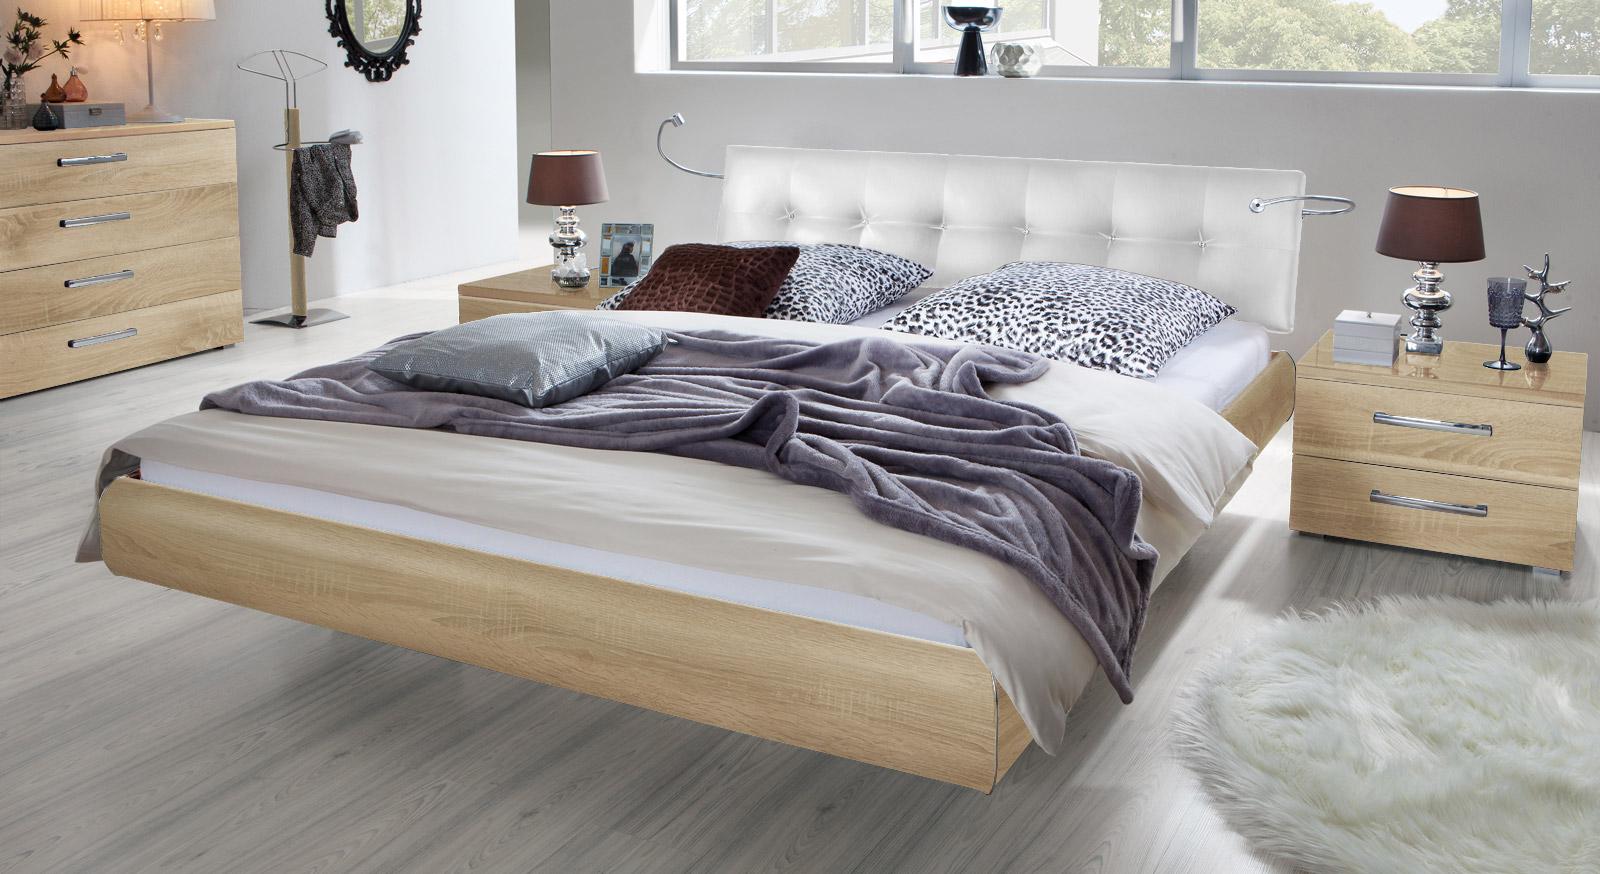 dekorbett mit kunstleder kopfteil und swarovski steinen. Black Bedroom Furniture Sets. Home Design Ideas